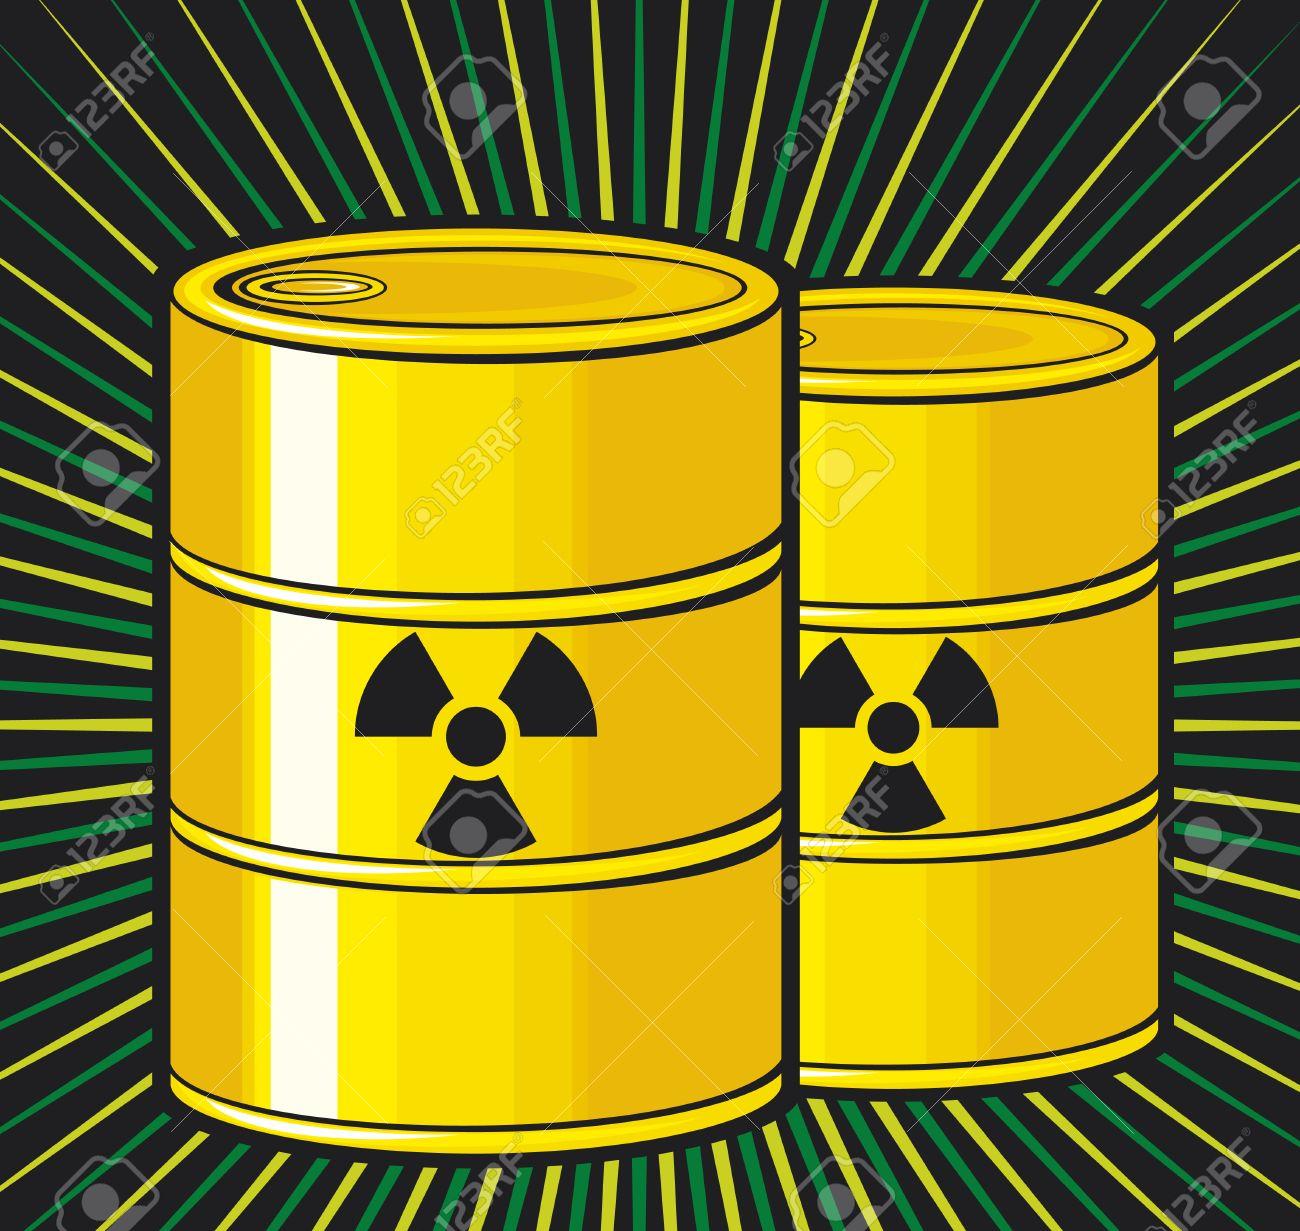 Barrels With Nuclear Waste Barrel Radioactive Waste Radioactive